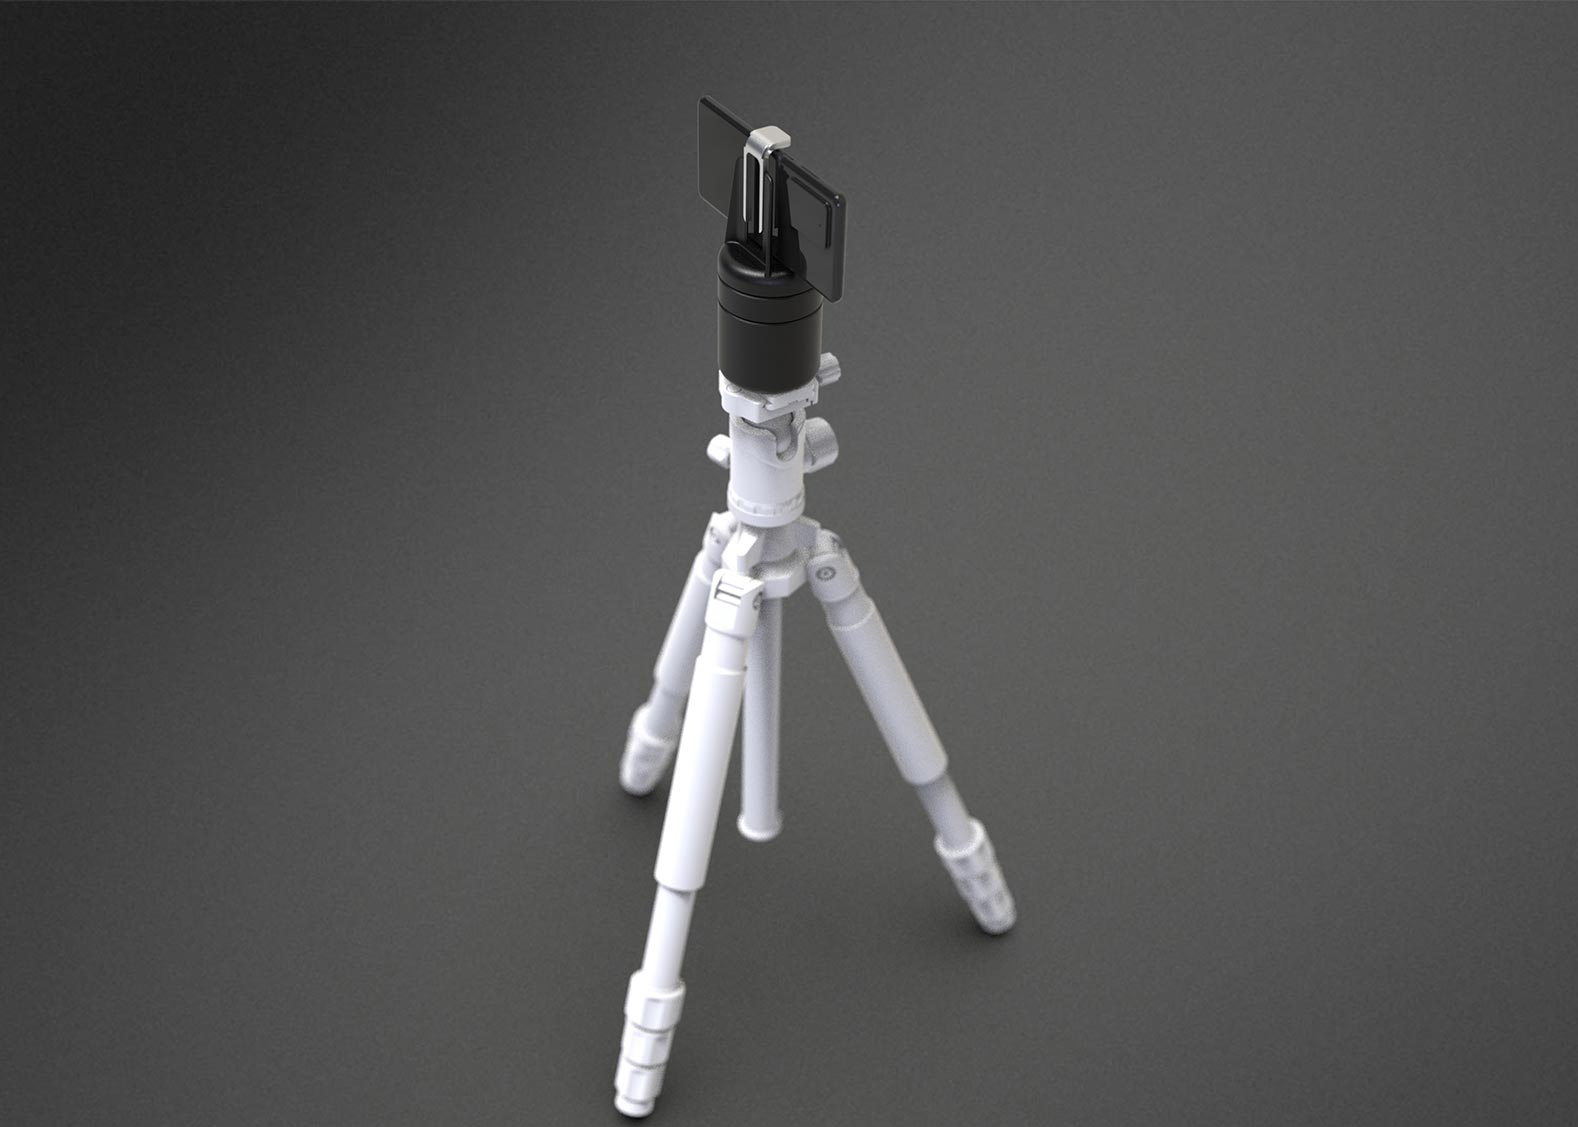 camera accessory product design